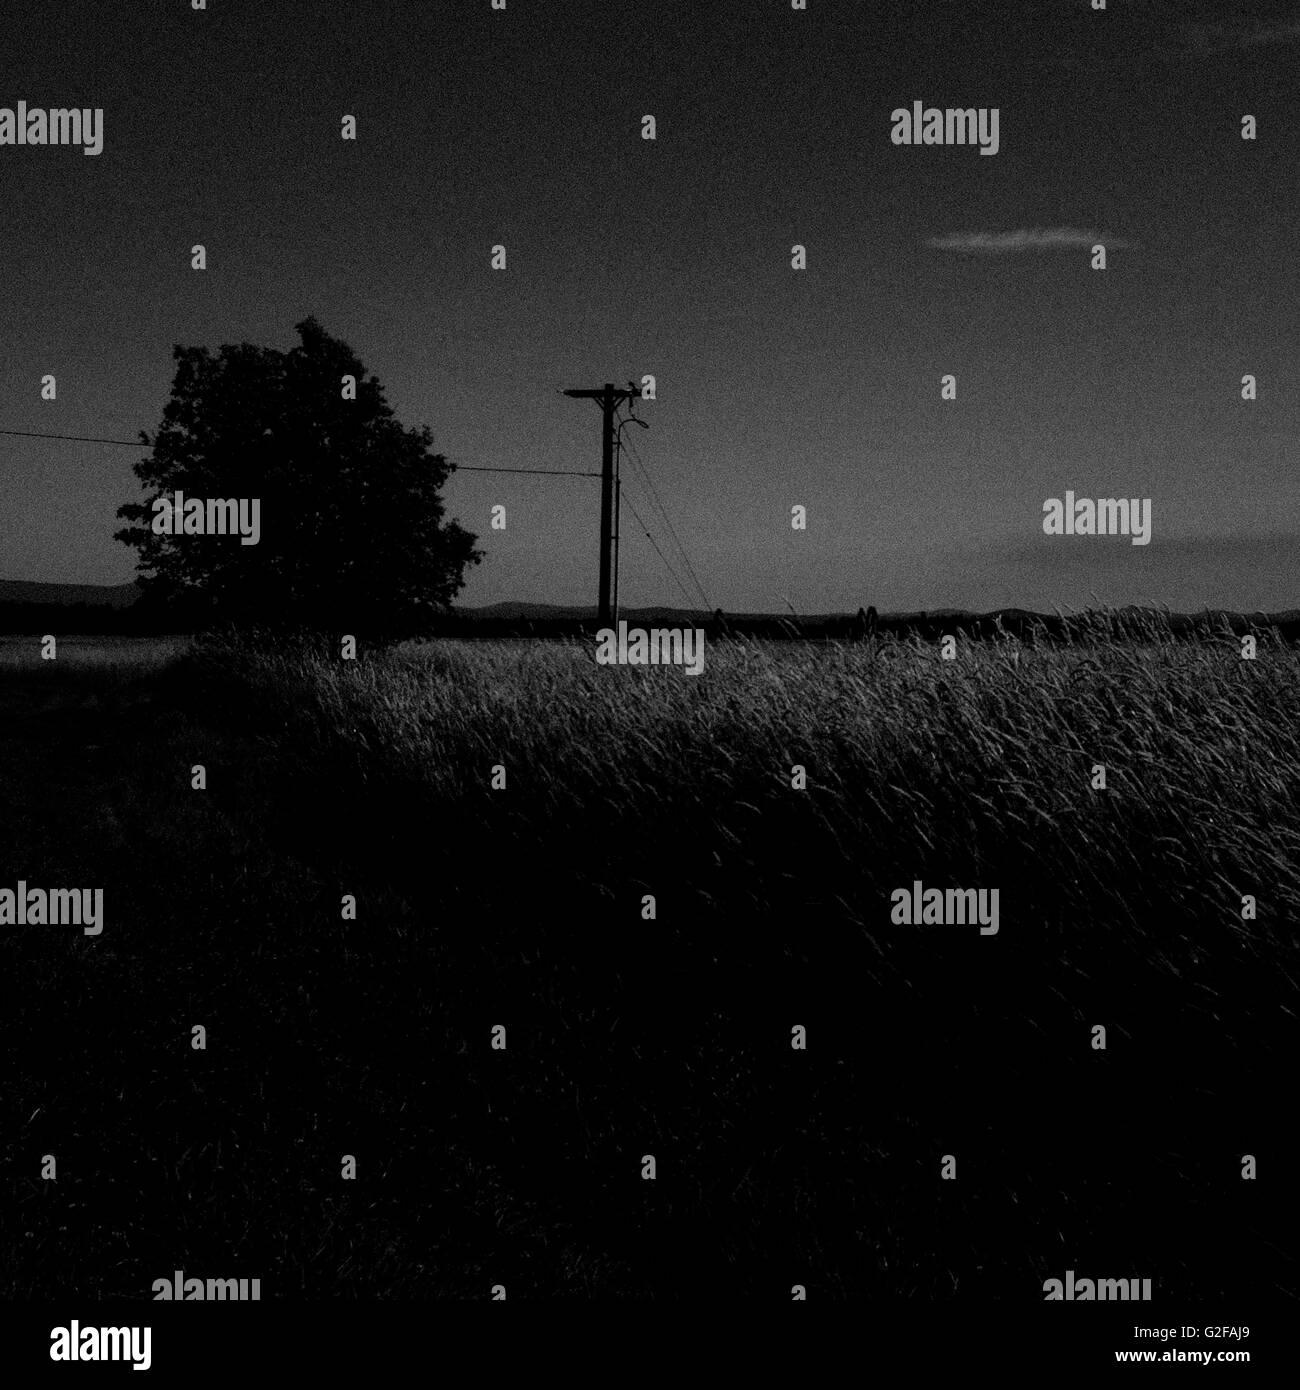 Wheat Field at Night, Washiginton, USA - Stock Image